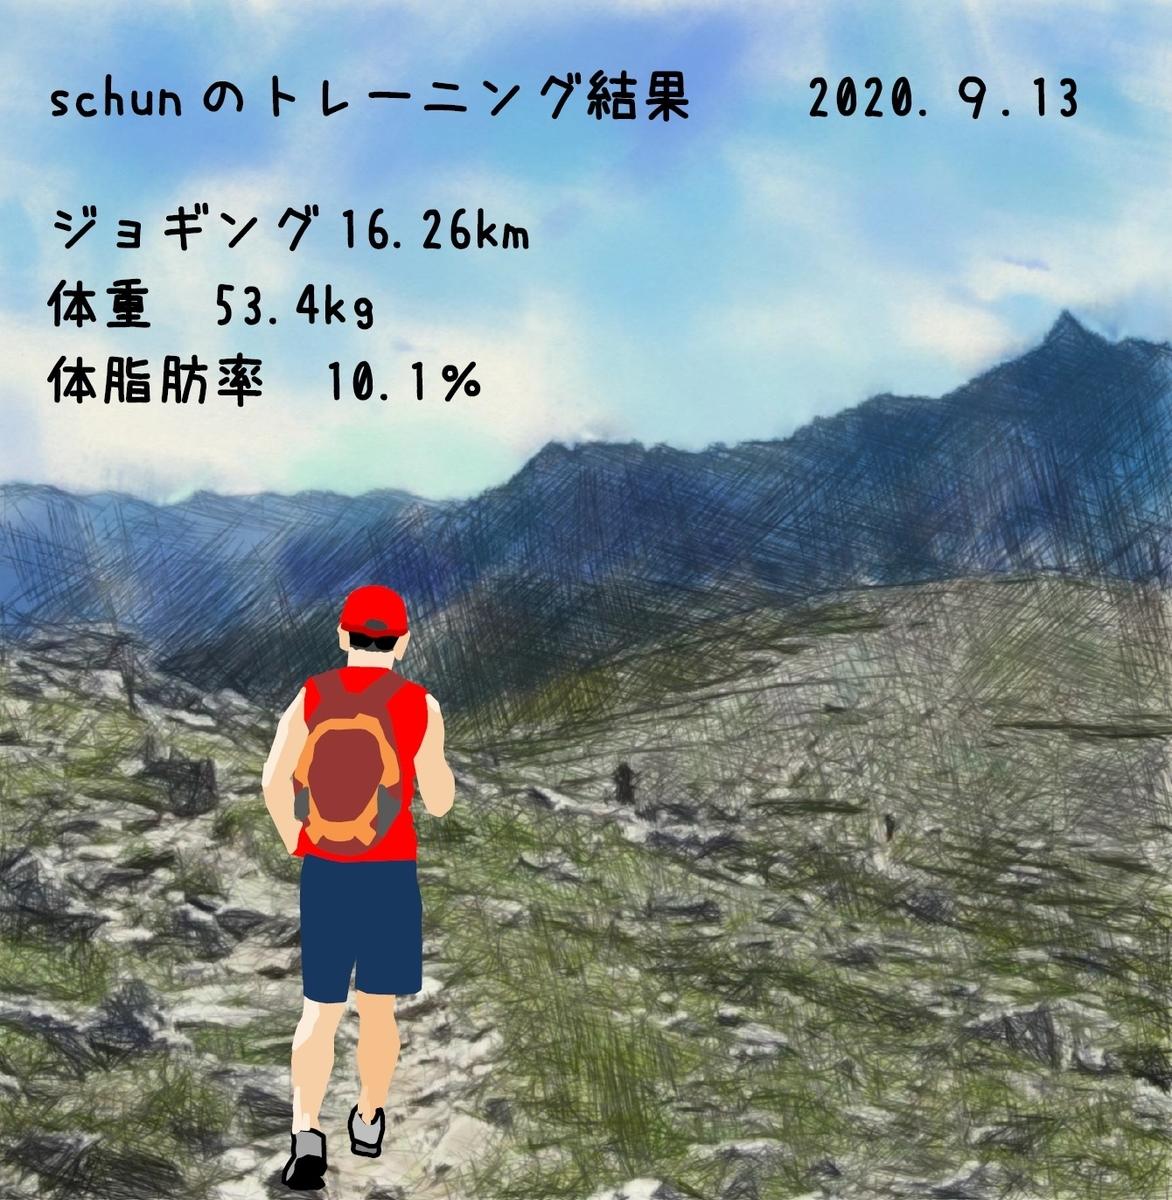 f:id:schunchi2007:20210912203648j:plain